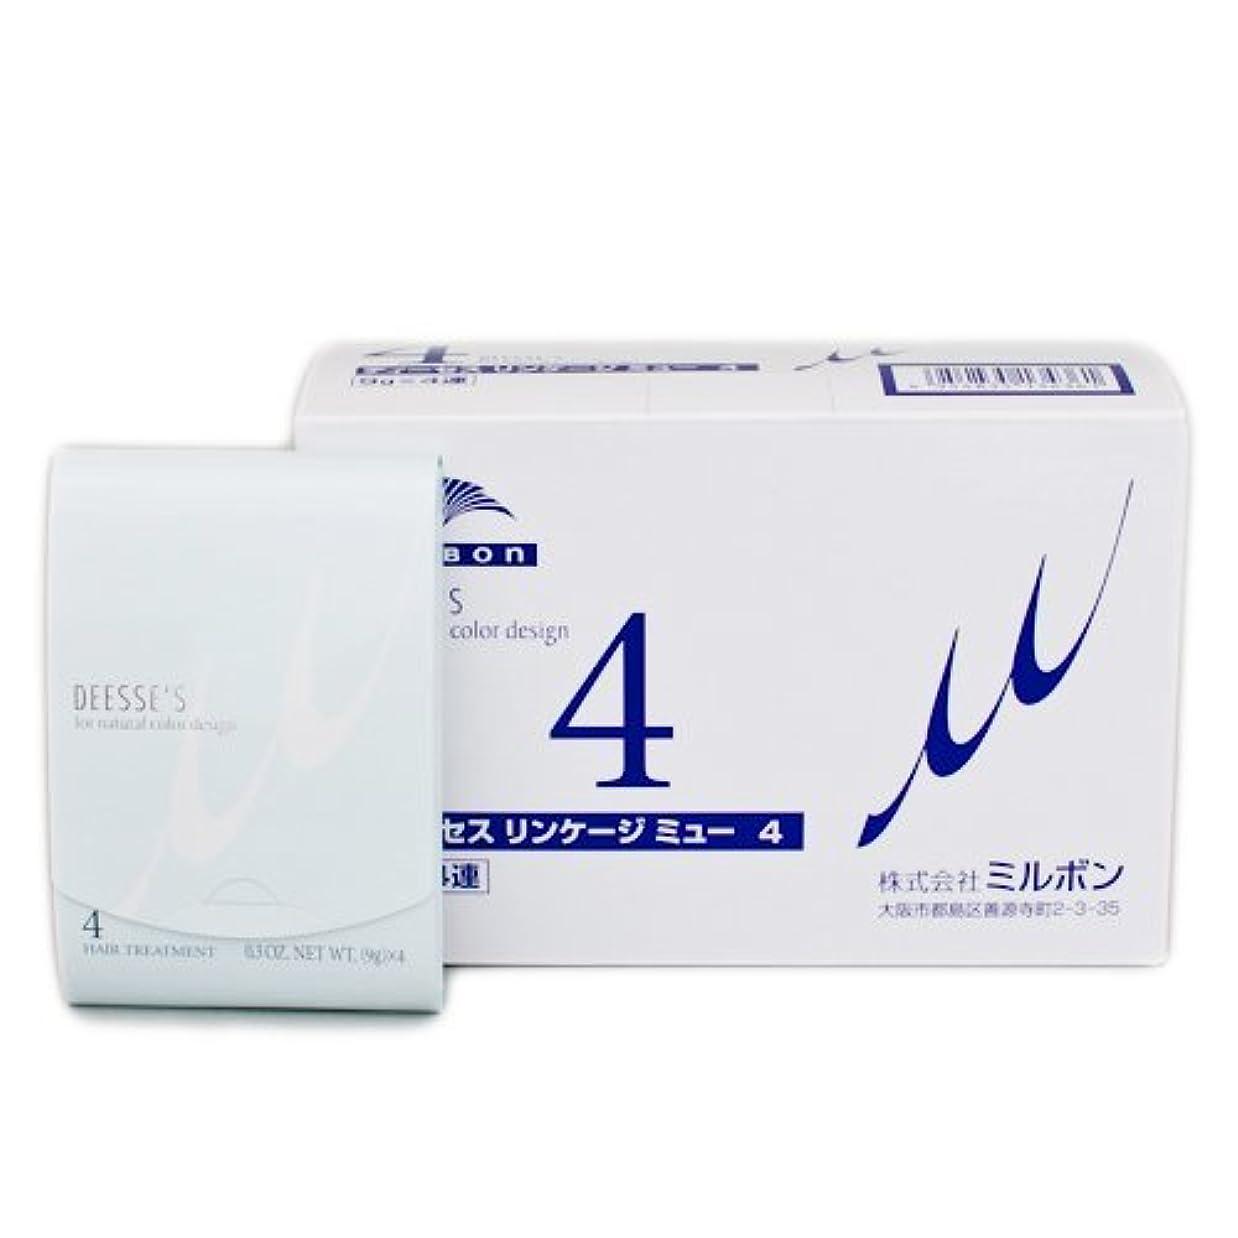 プレゼント推測吸収剤ミルボン ディーセス リンケージ ミュー 4 業務用9g×4連×10入